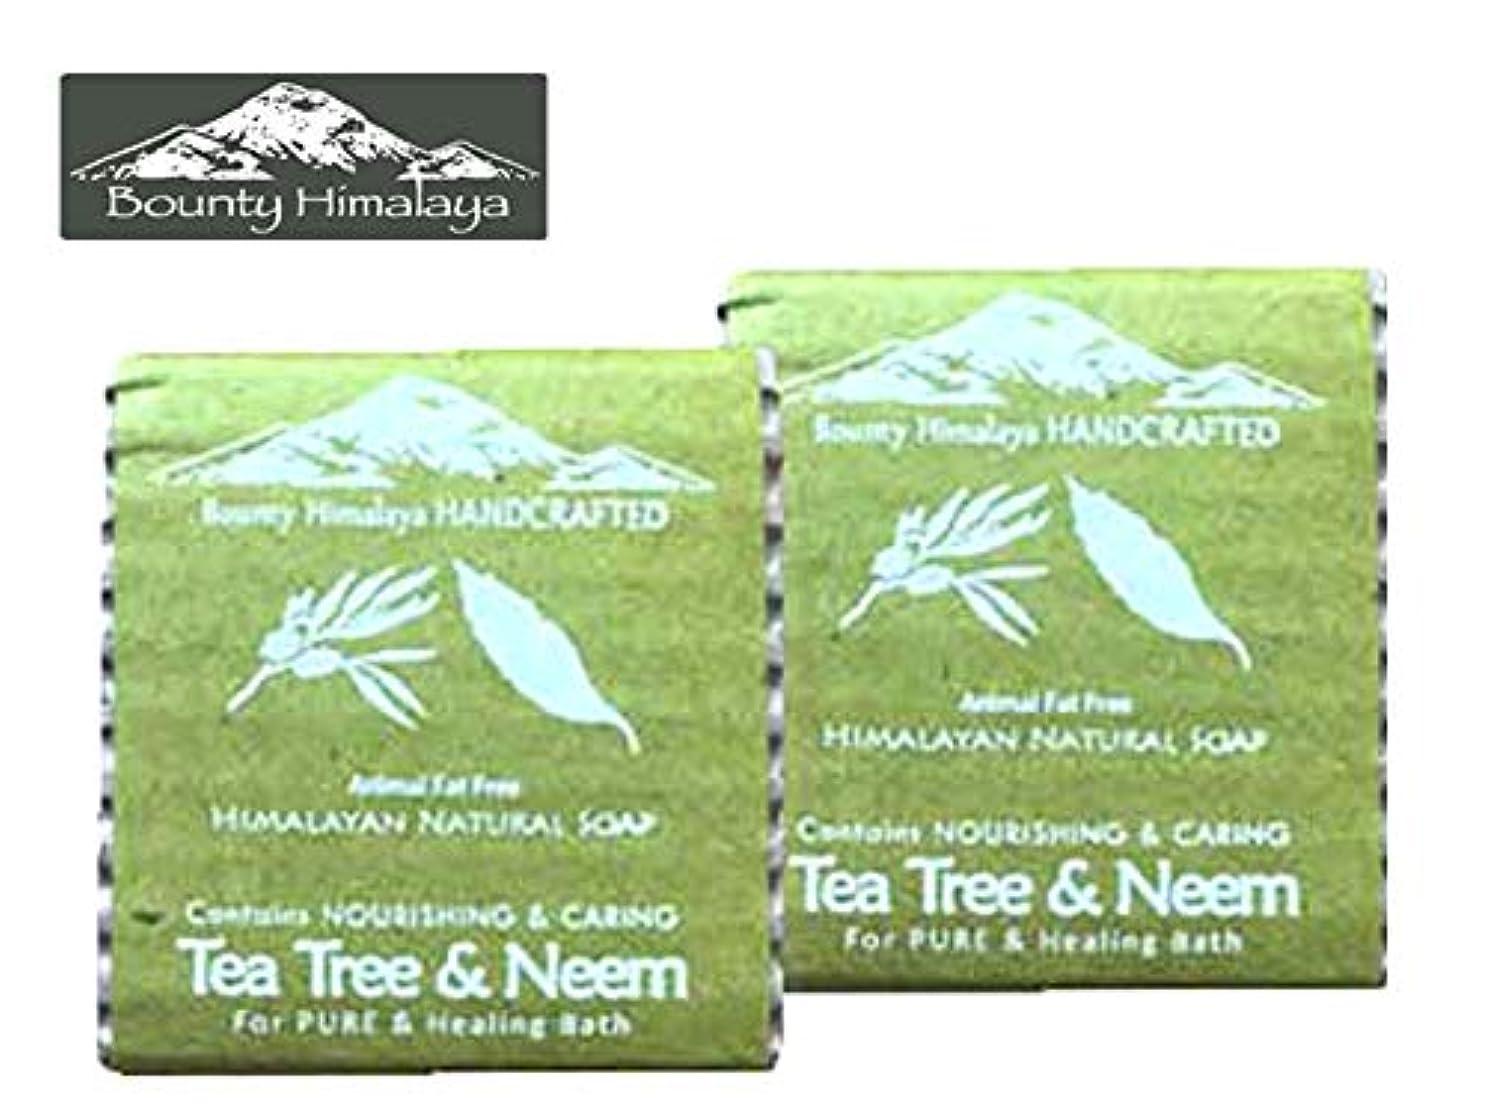 放棄された場合貸し手アーユルヴェーダ ヒマラヤ ティーツリー?ニーム ソープ2セット Bounty Himalaya Tea Tree & Neem SOAP(NEPAL AYURVEDA) 100g